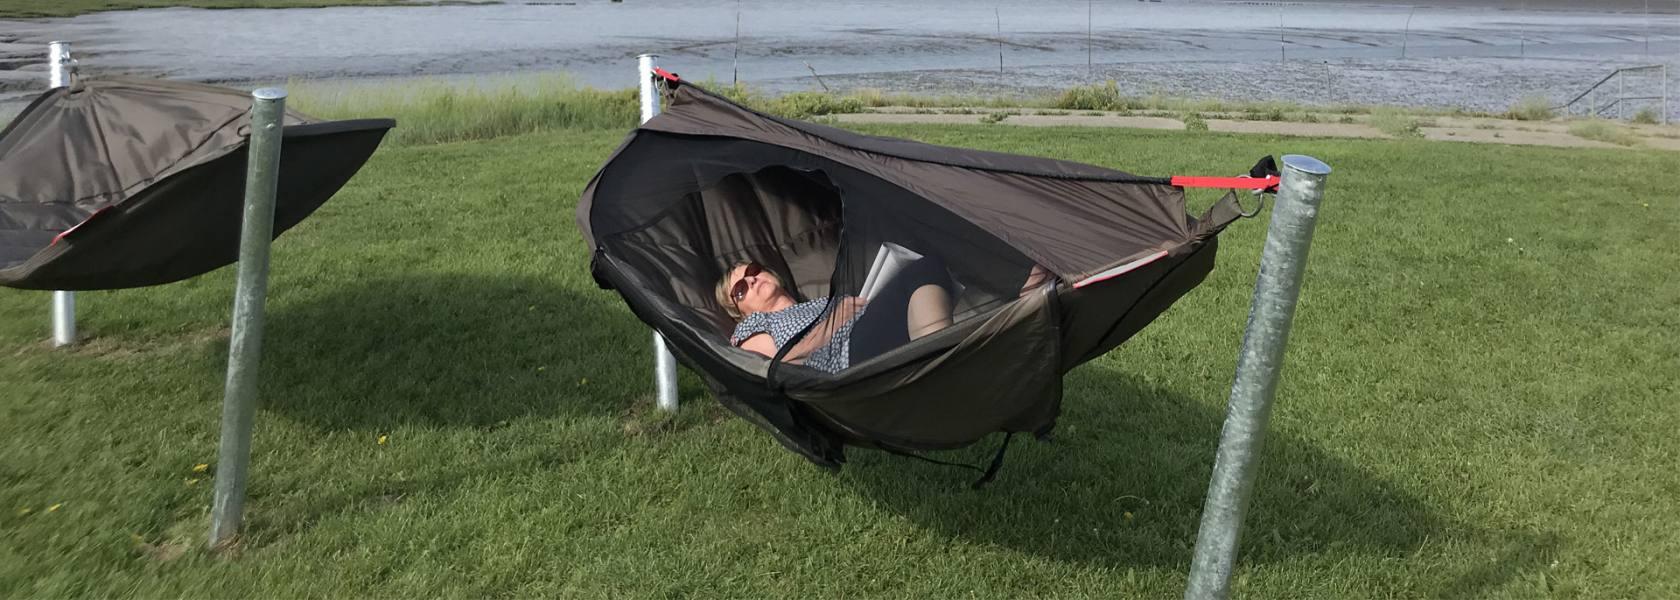 Schlafhängematte in Spieka-Neufeld, © Kurverwaltung Wurster Nordseeküste